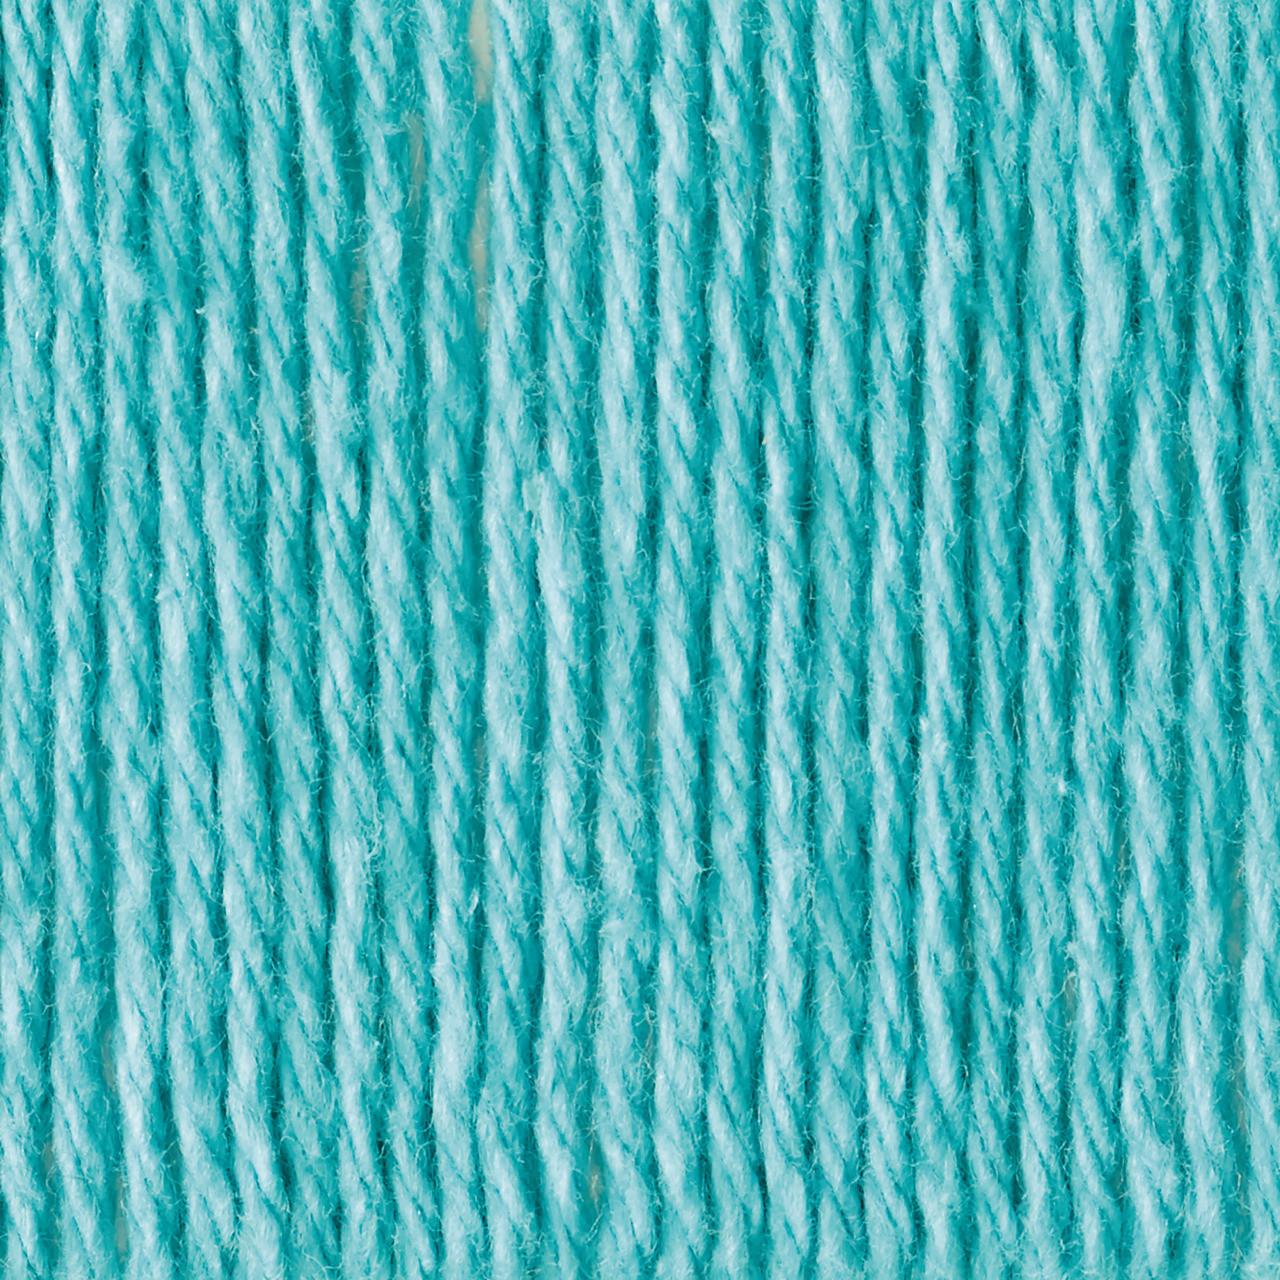 Lily Sugar 'n Cream Mod Blue Lily Sugar 'n Cream Yarn - Super Size